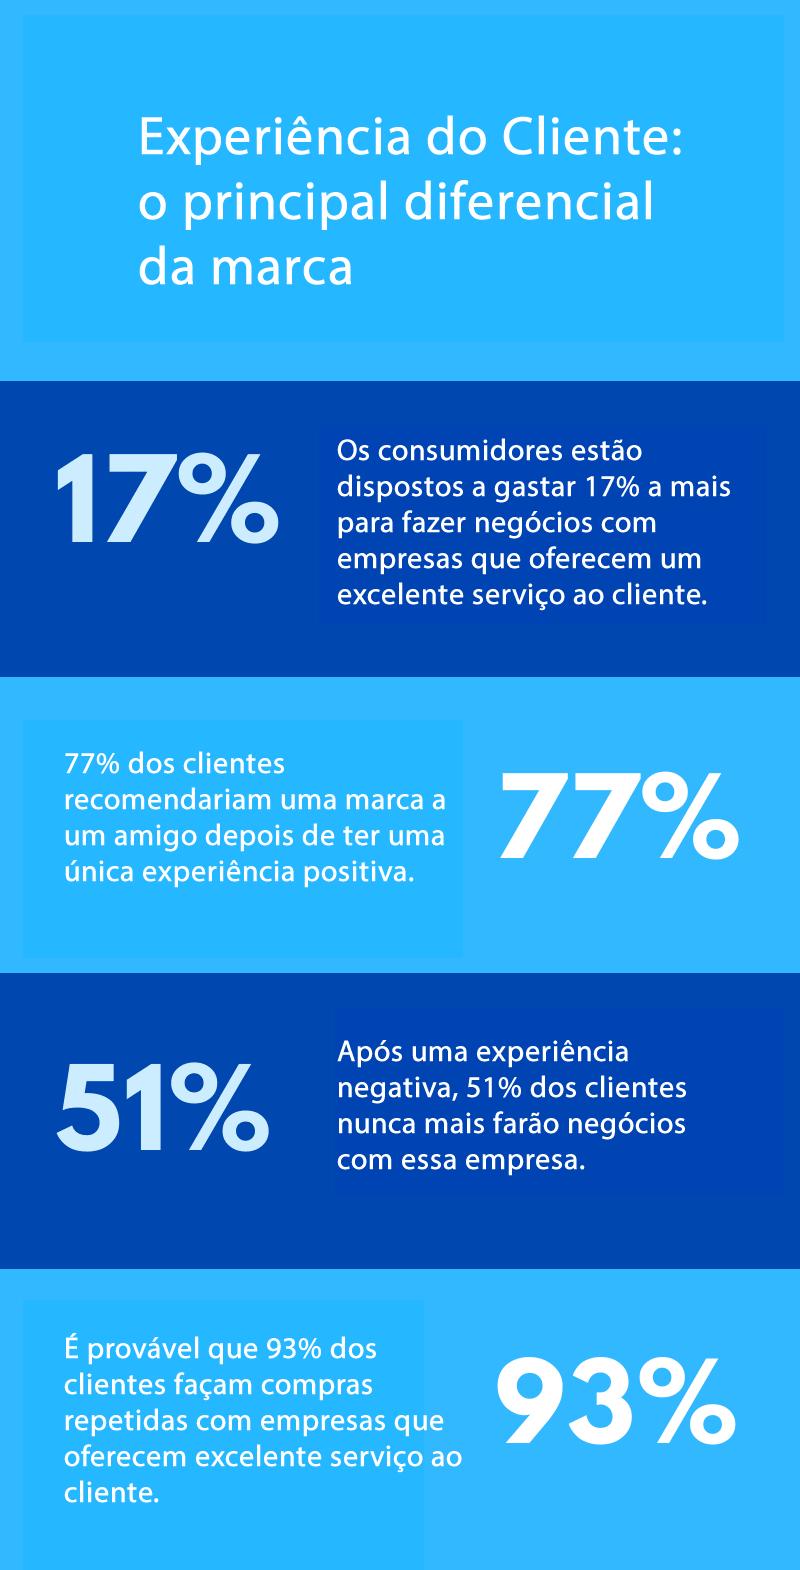 dados-indecx-principais-motivos-para-clientes-fazerem-negocios-com-sua-empresa-experiencia-do-cliente-npsnews